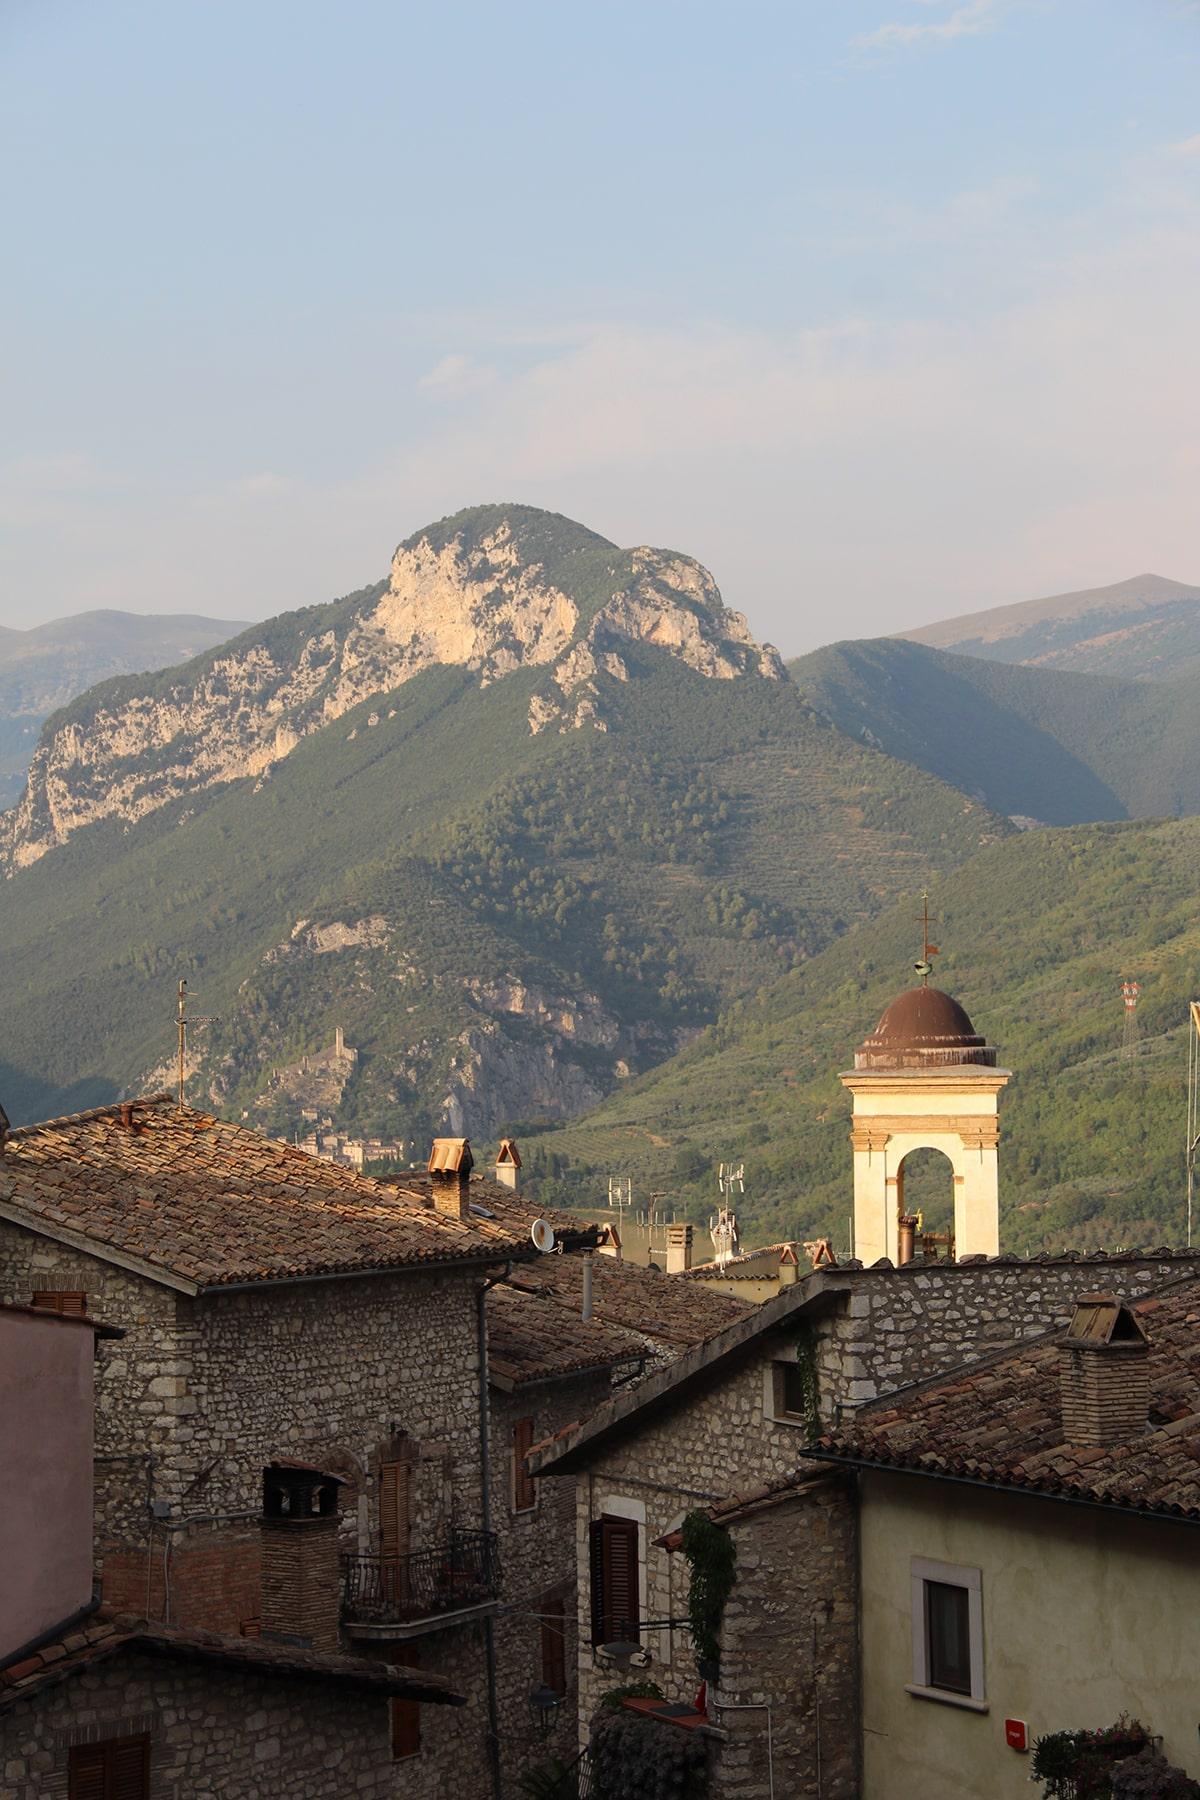 View on the mountains Montefranco Terni